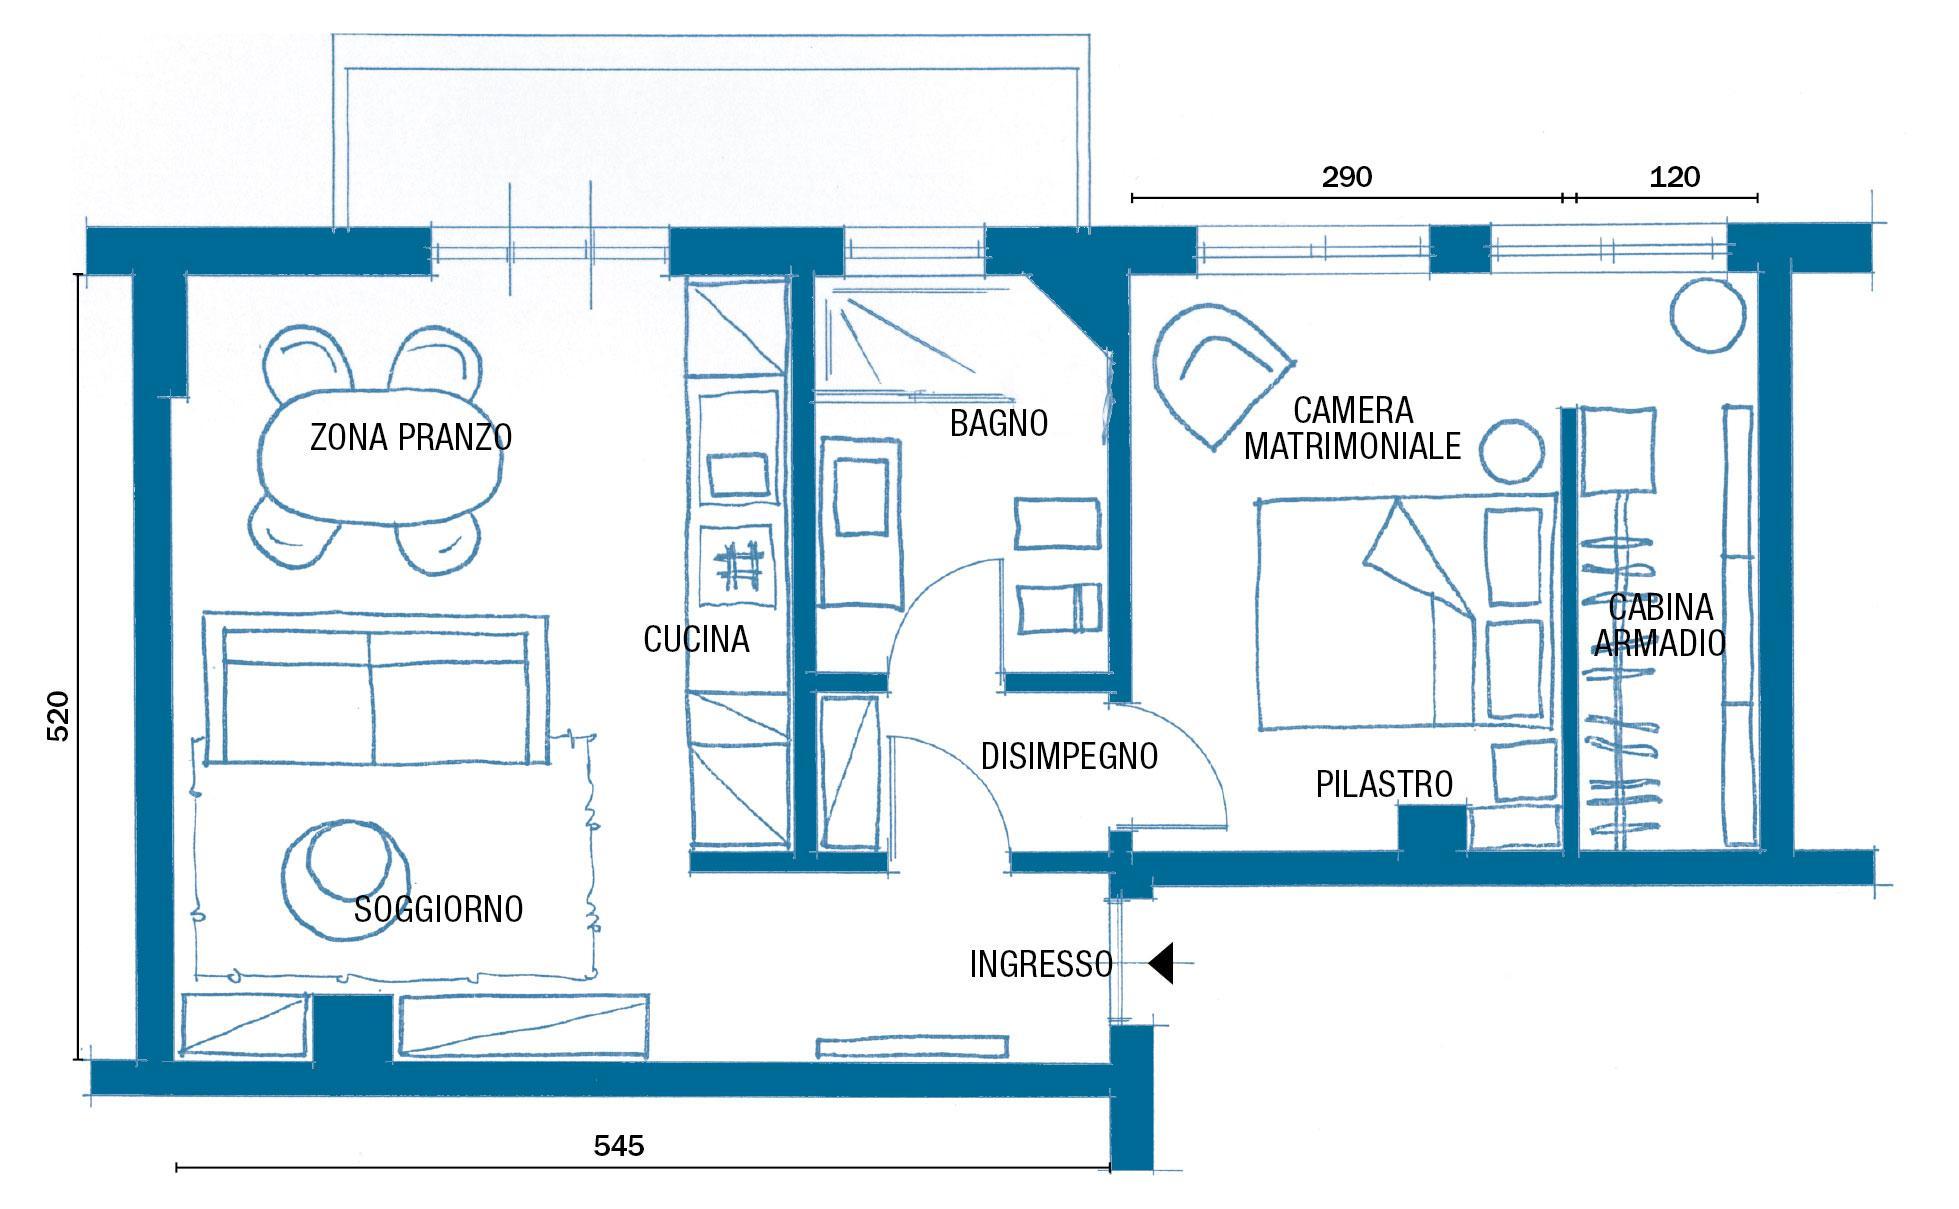 Bilocale Di 48 Mq Con Bagno E Cucina Ampliati Cose Di Casa